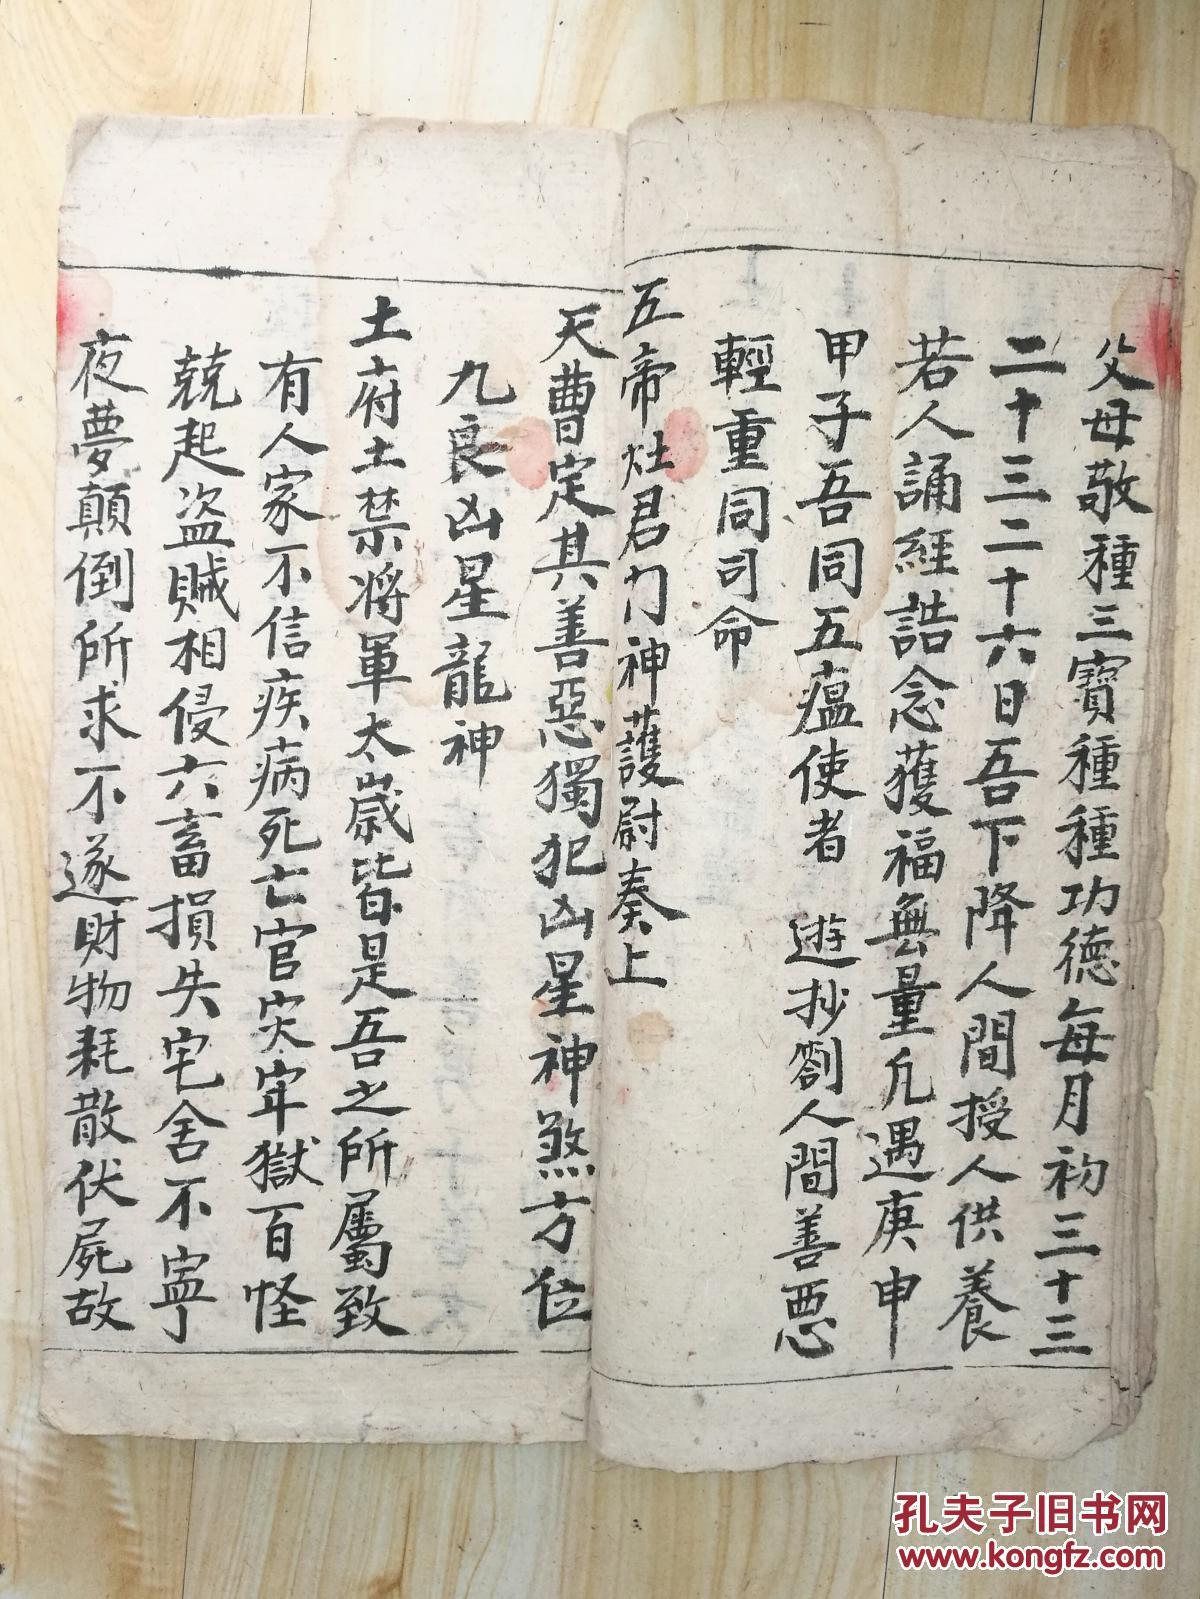 民国手抄经书2部(取水经,土地经)图片